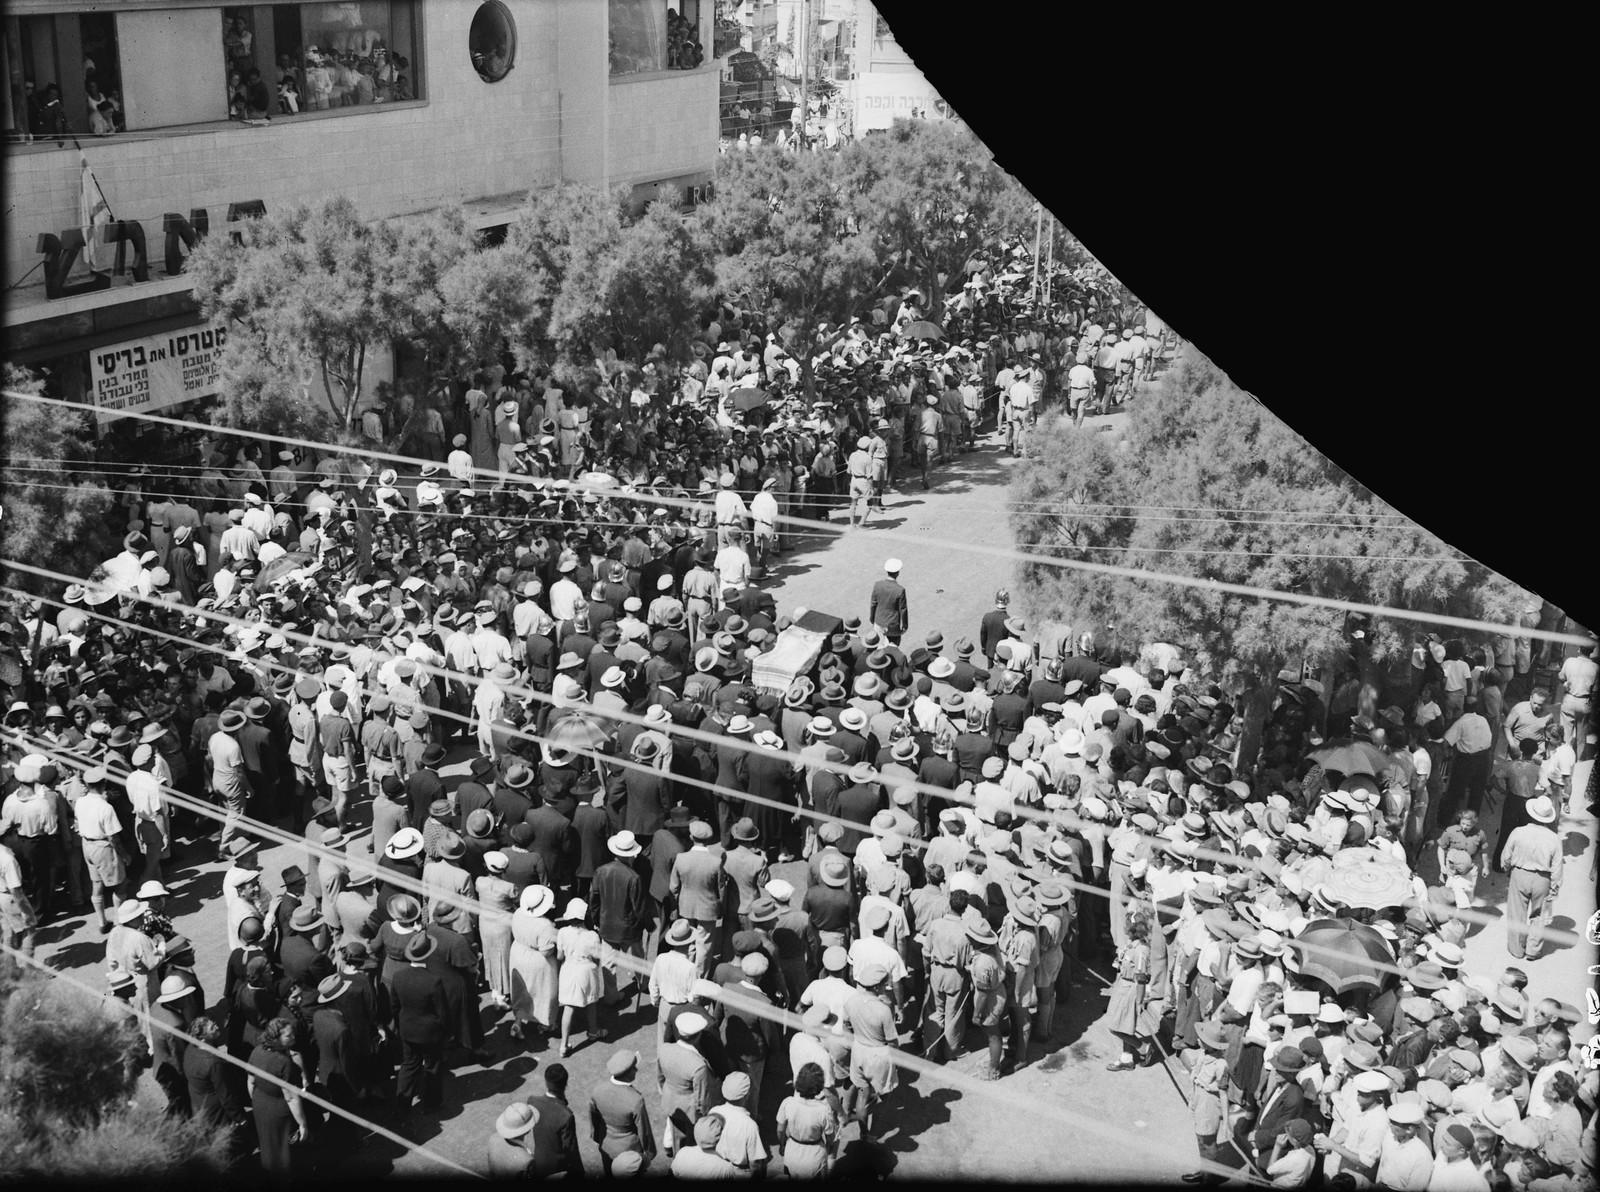 21. Похороны Меира Дизенгофа, мэра Тель-Авива. Умер 23 сентября. Похороны состоялись на следующий день